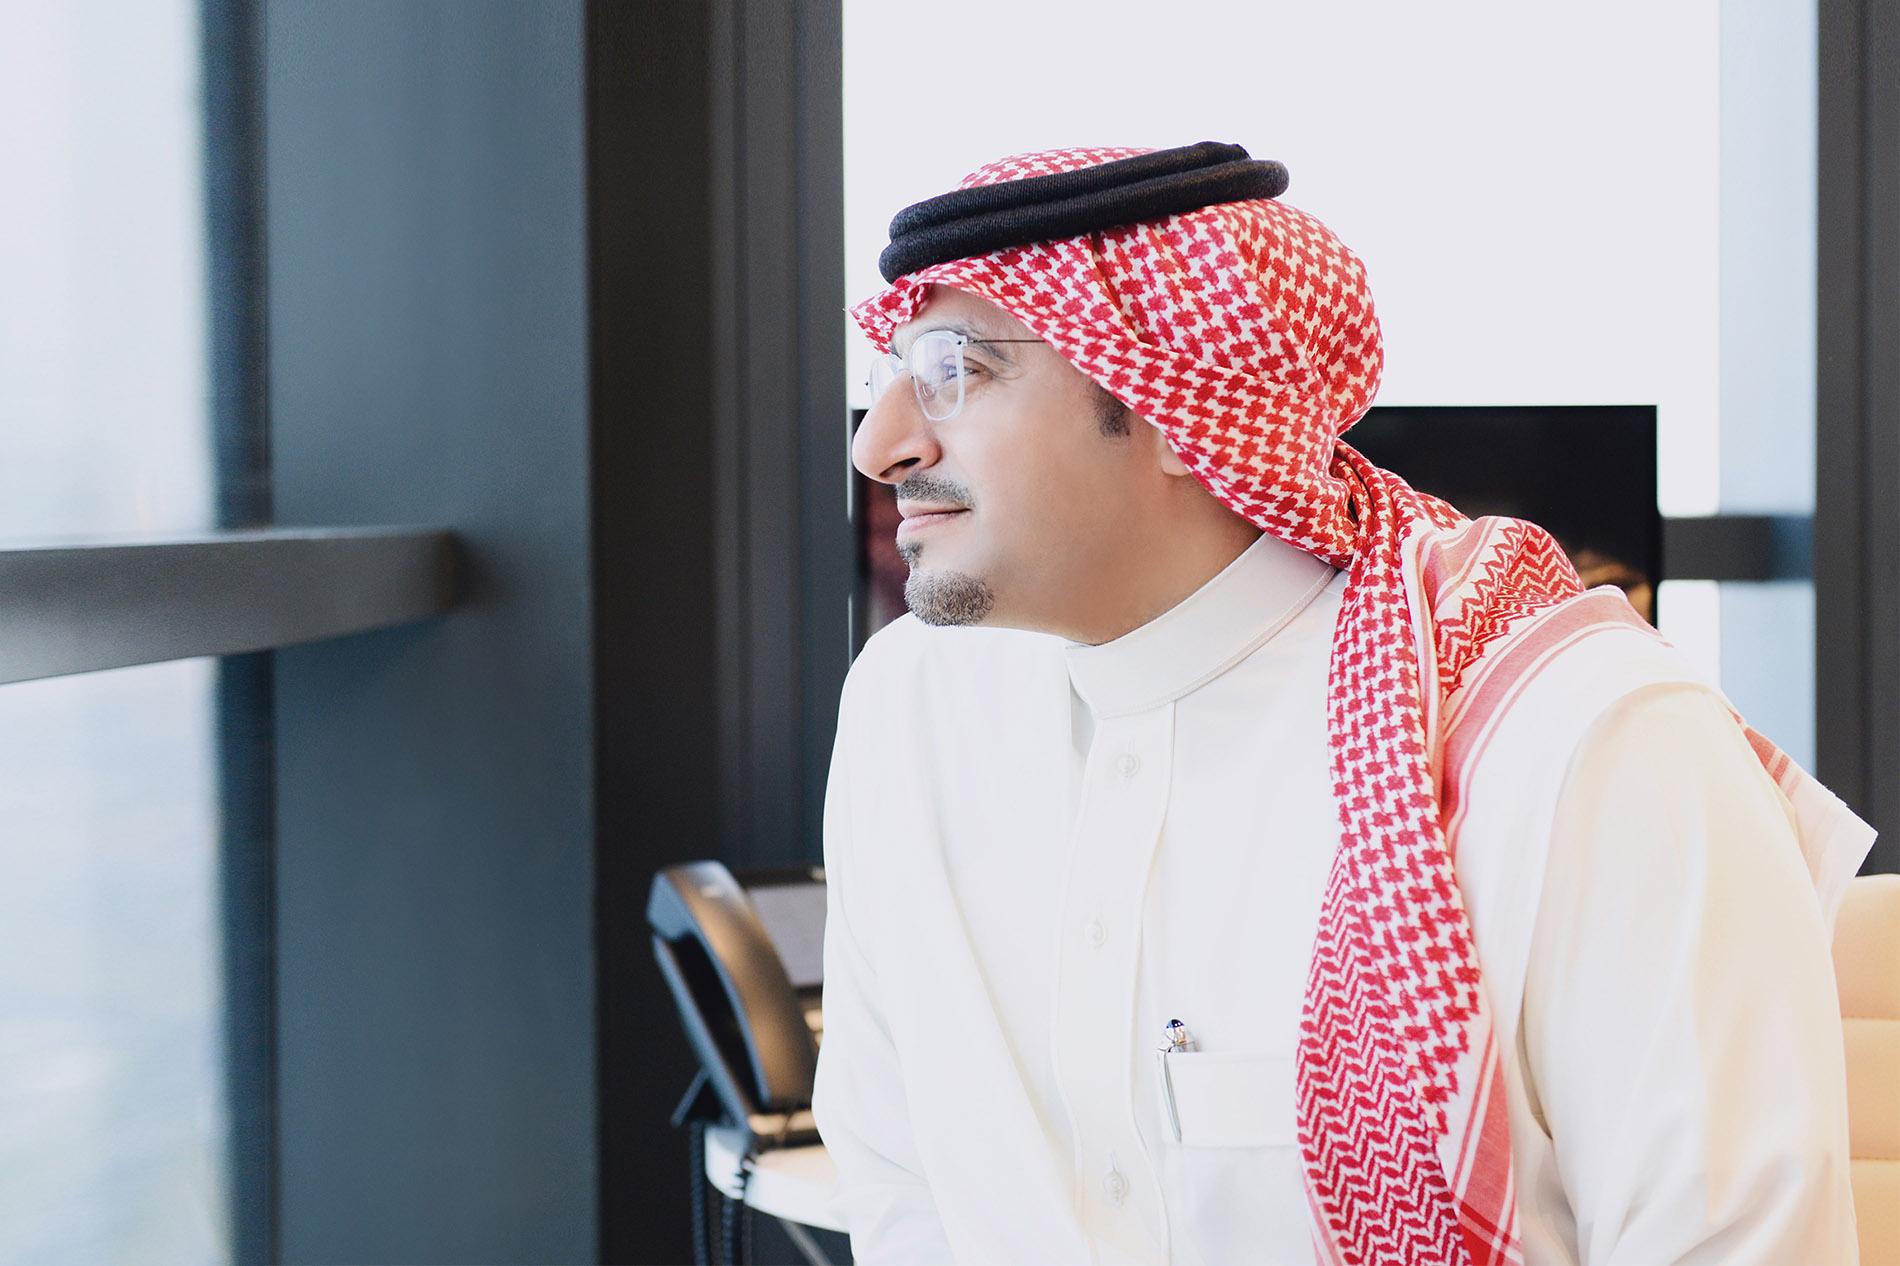 yasser bin faisal al sharif jabal omar 2